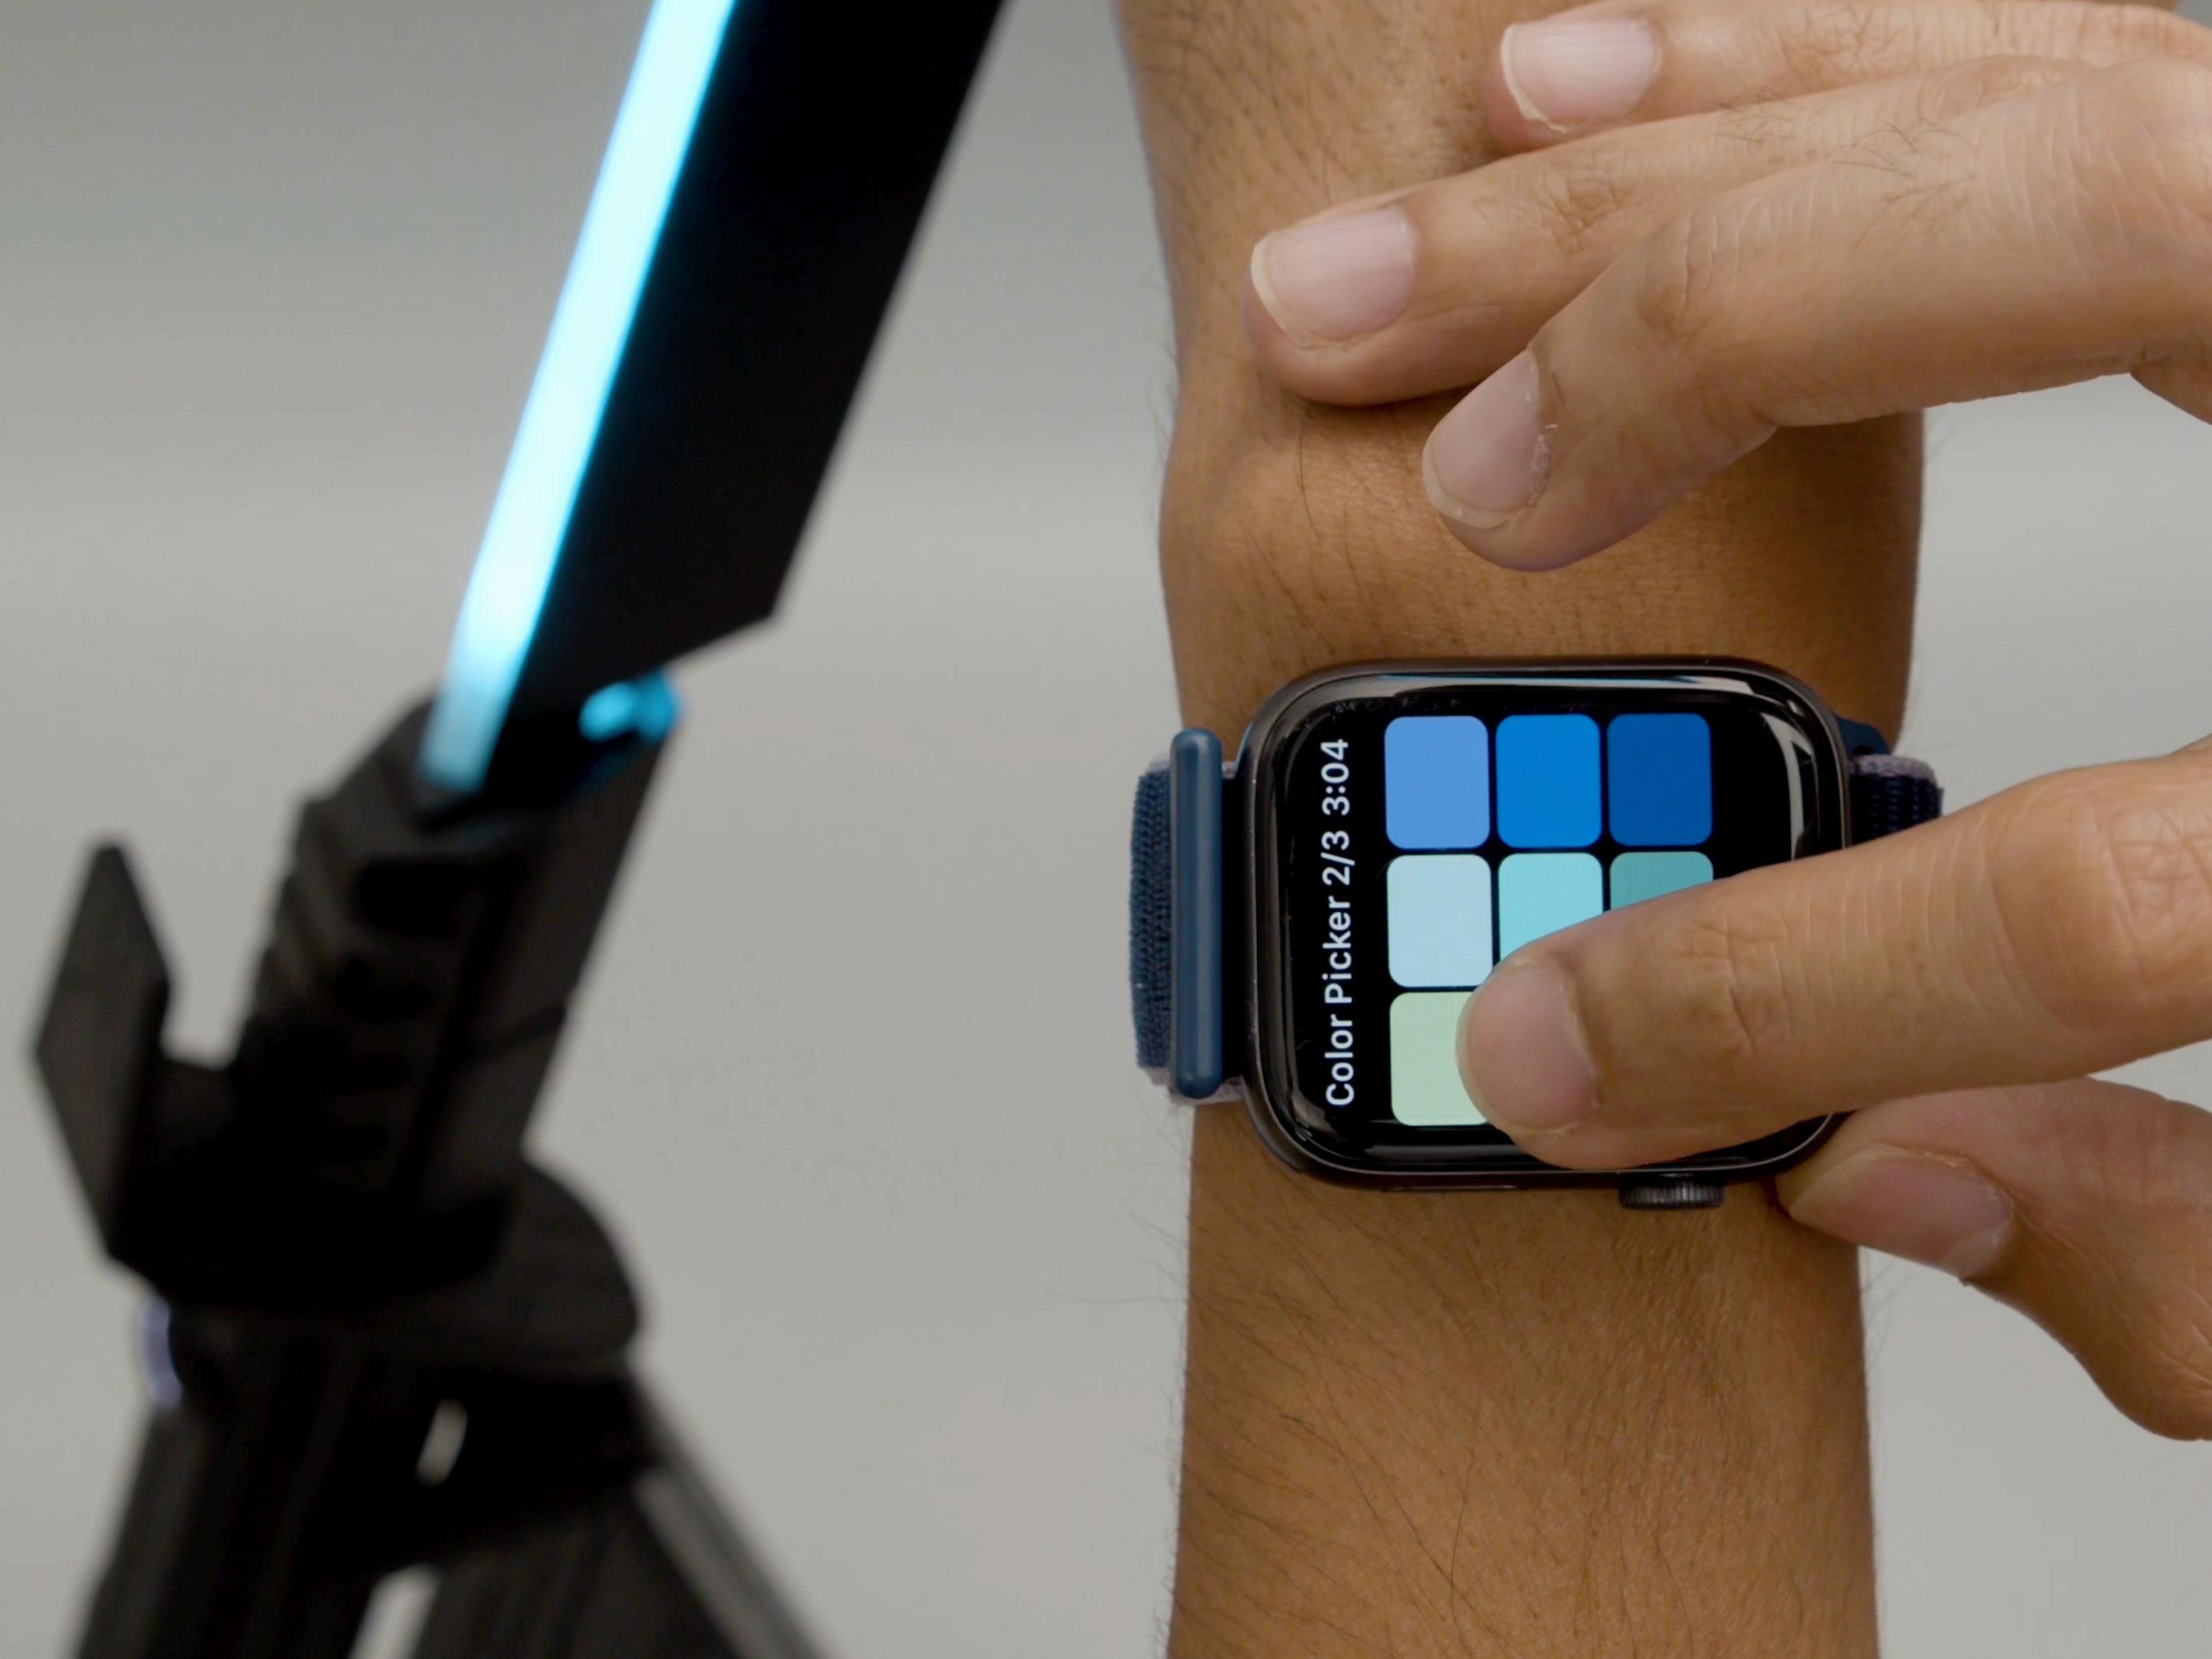 3d_printing_hero-ios-watch-colorpicker.jpg